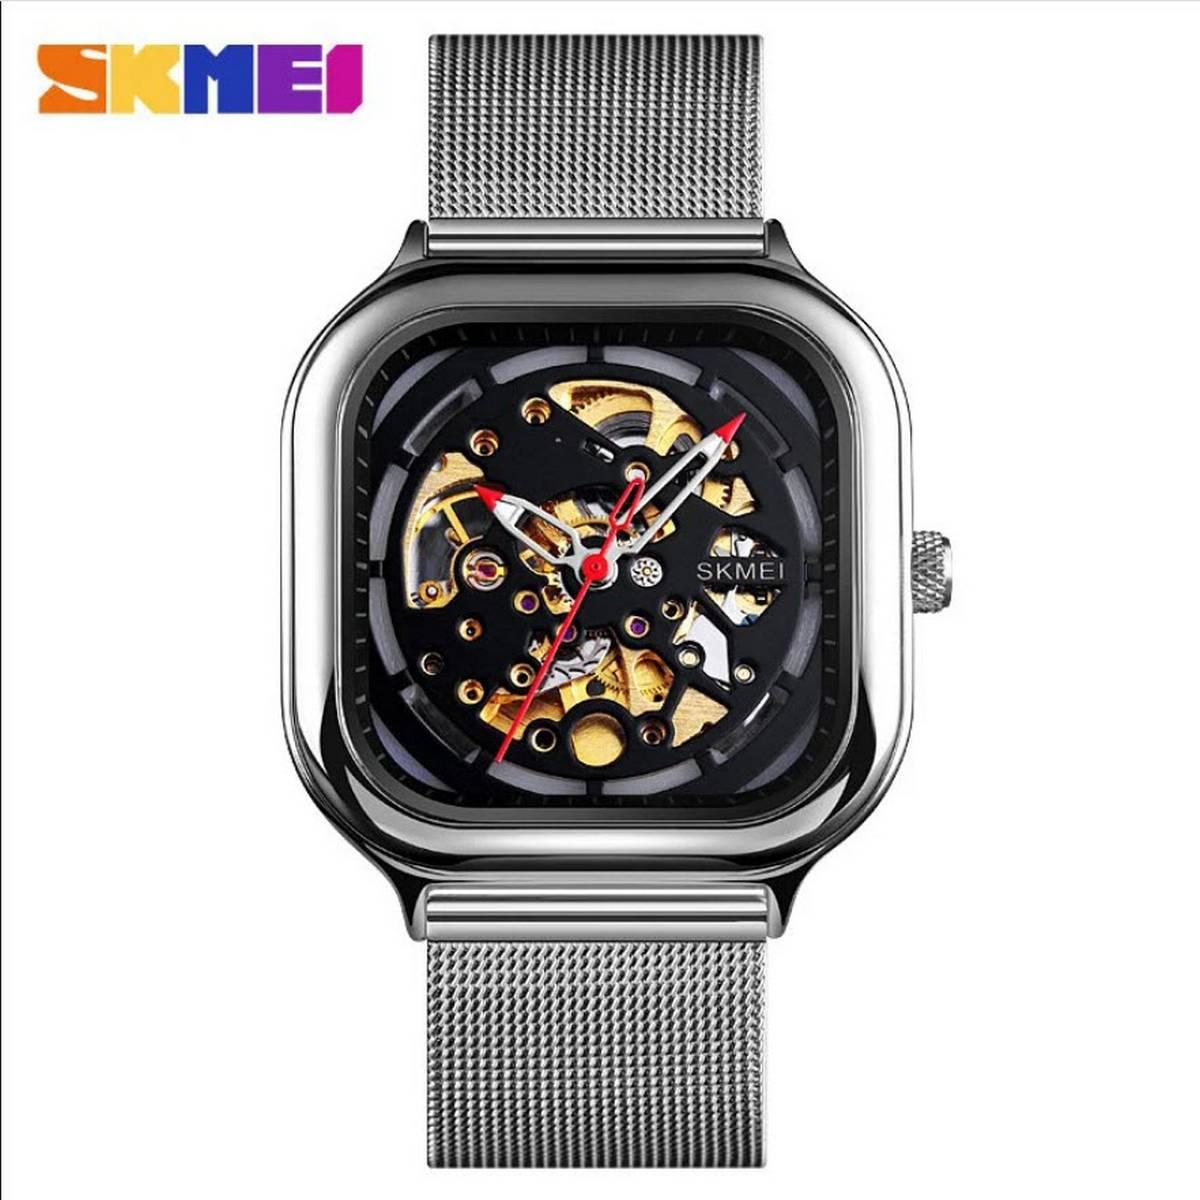 SKMEI 9184 Fashion Mechanical Watch Men Automatic Watch Quartz Waterproof Hollow Art